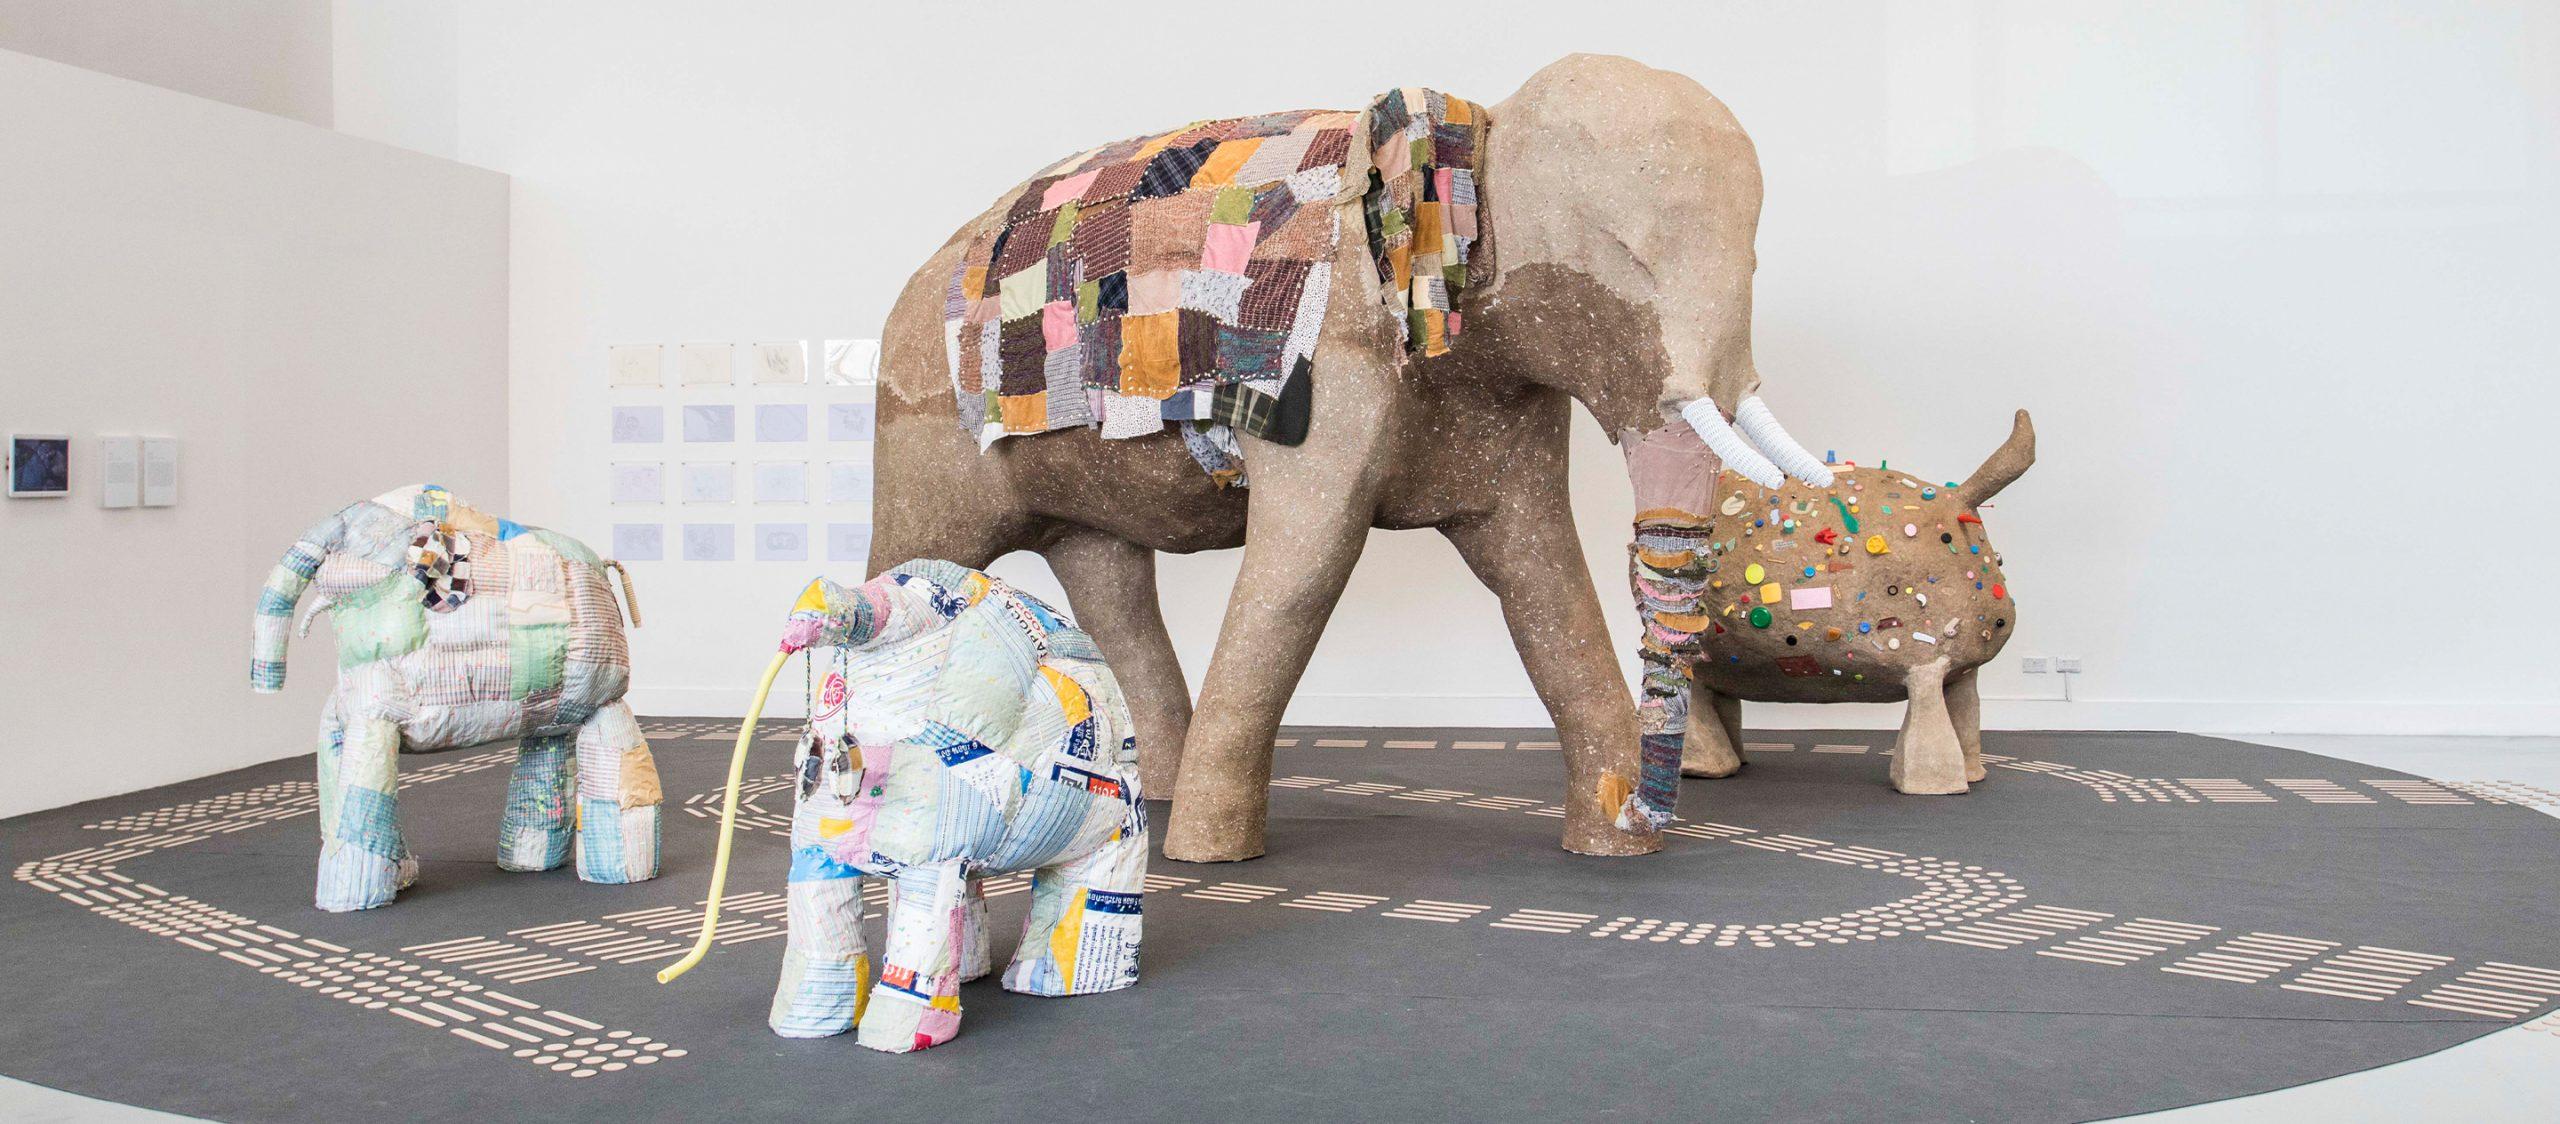 ธนนันท์ ใจสว่าง ศิลปินผู้สร้าง 'ตาบอดคลำช้าง' งานศิลปะที่ทุกคนคลำได้ร่วมกัน